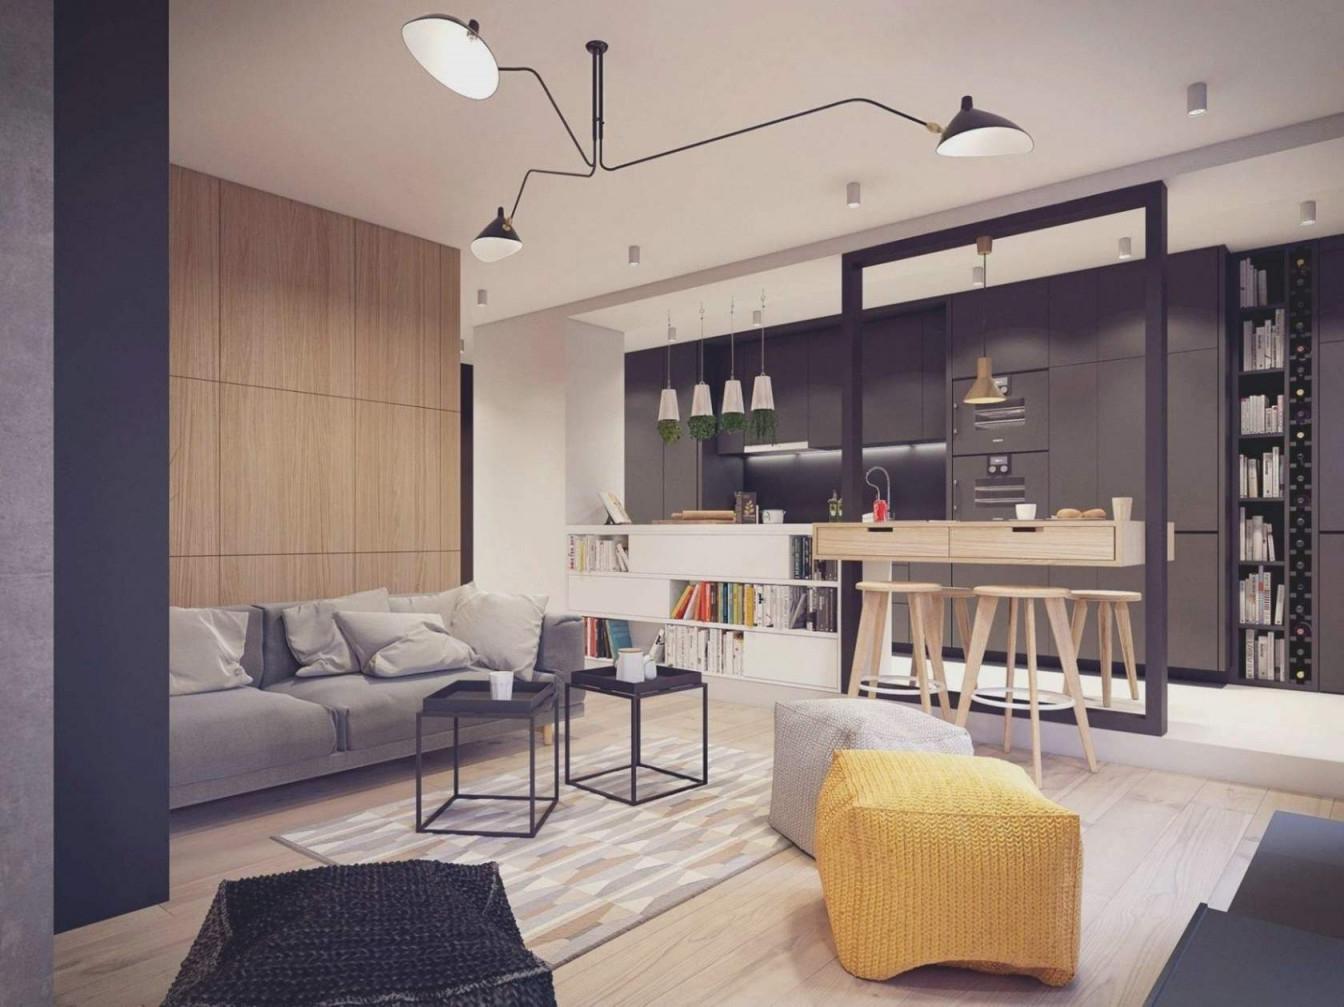 36 Elegant Wohnzimmer Spanisch Einzigartig  Wohnzimmer Frisch von Rechteckiges Wohnzimmer Einrichten Bild